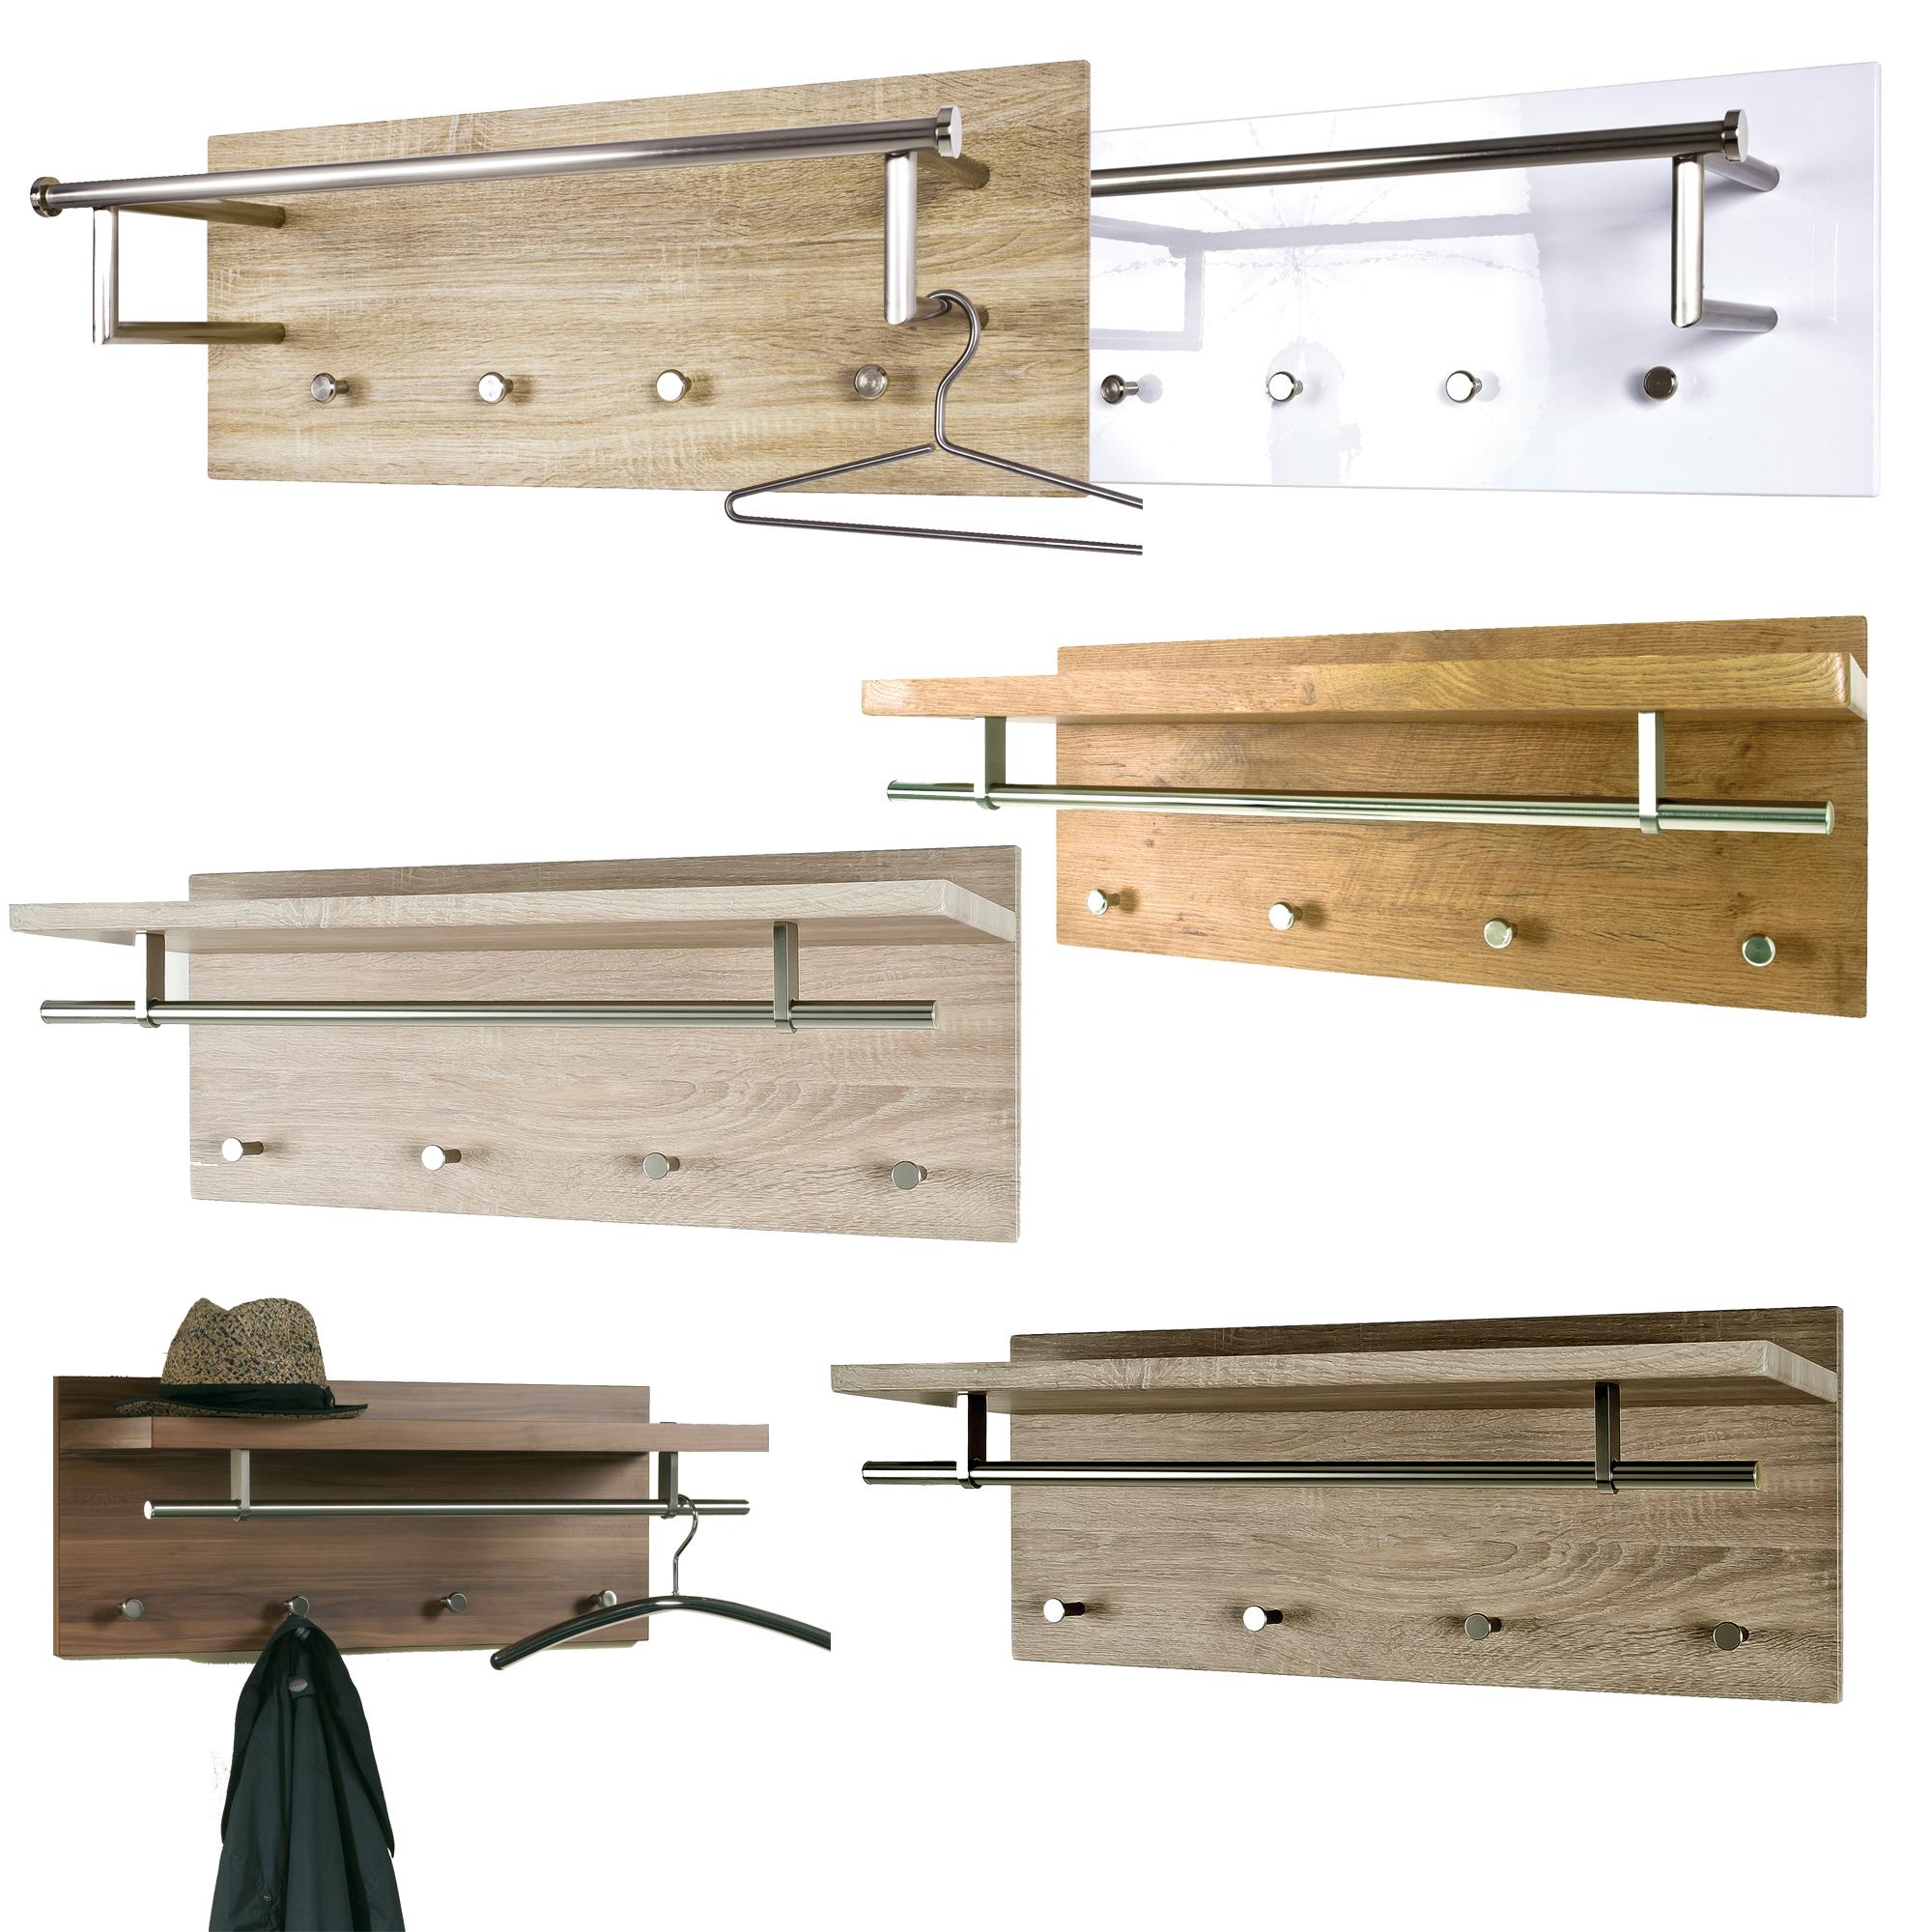 schreibtisch arbeitstisch b rotisch wange mod t127. Black Bedroom Furniture Sets. Home Design Ideas